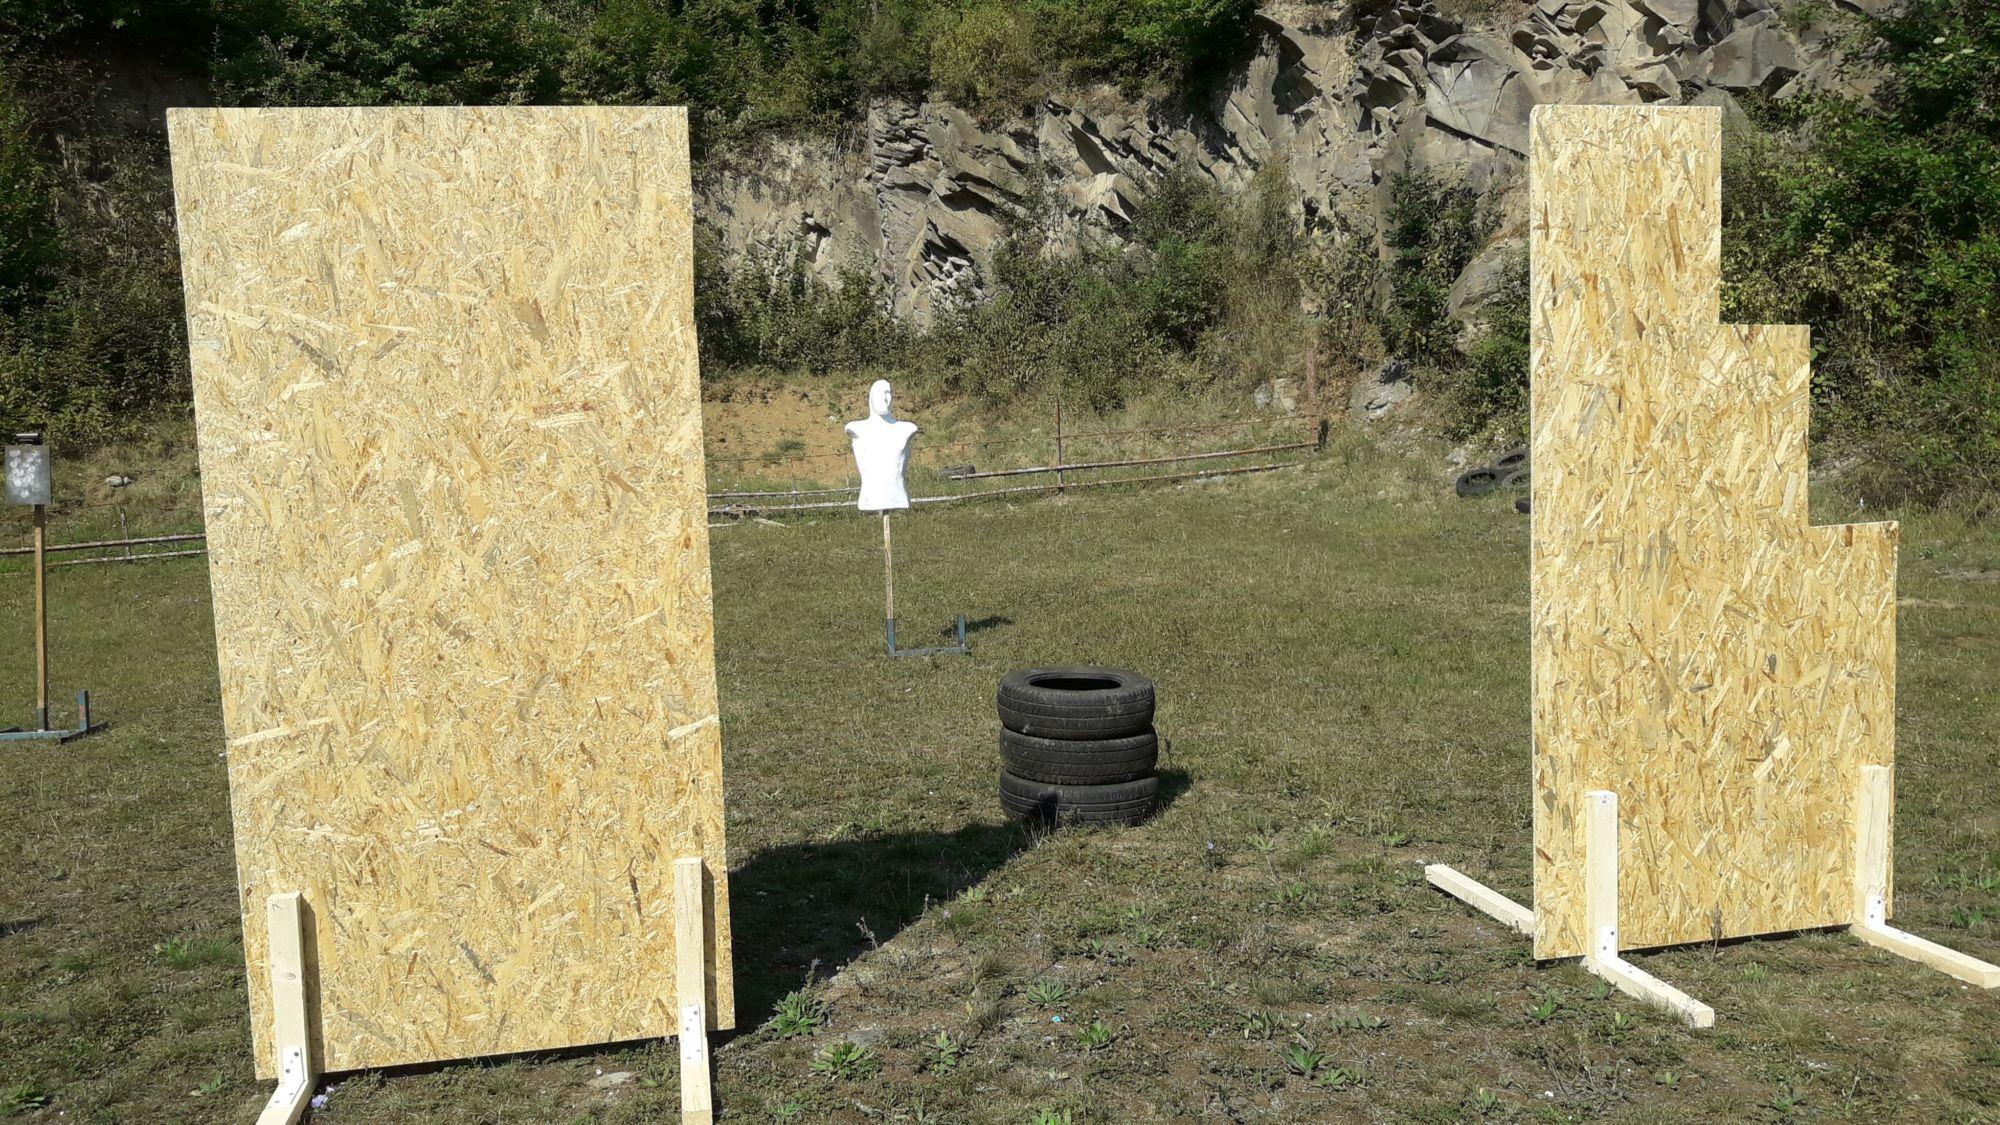 nastrelnici strelba z poza barier